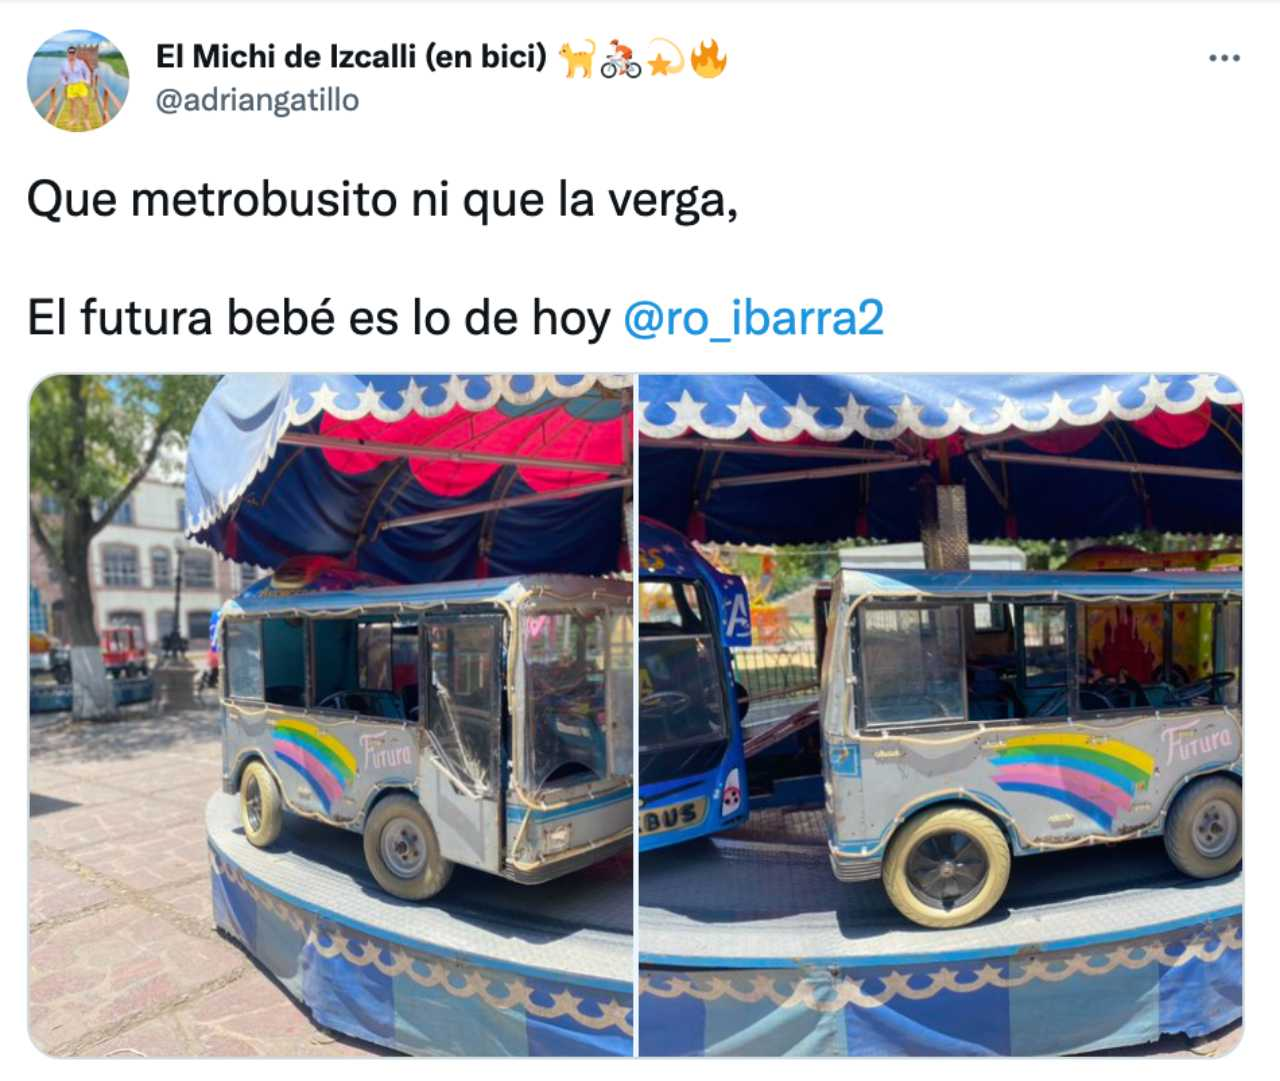 Meme del Metrobusito bebé con el camión de Futura